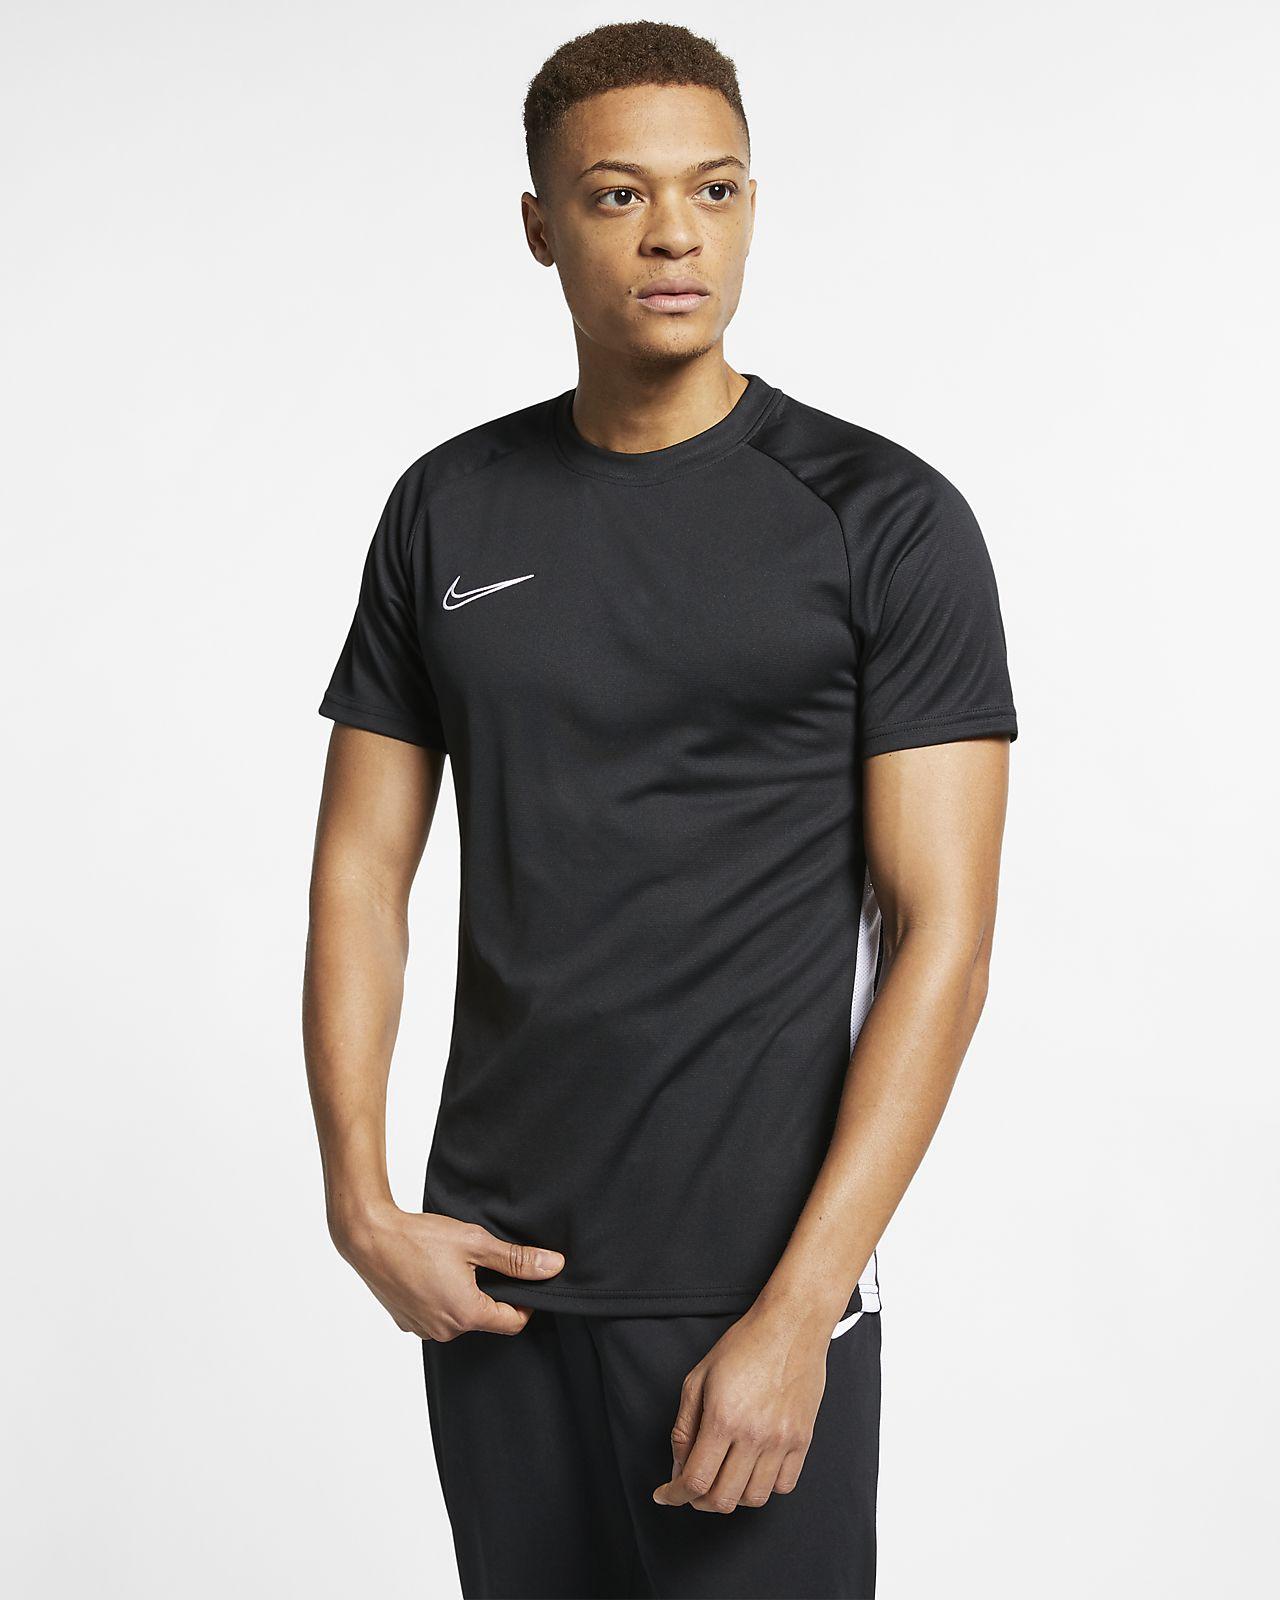 Ανδρική κοντομάνικη ποδοσφαιρική μπλούζα Nike Dri-FIT Academy